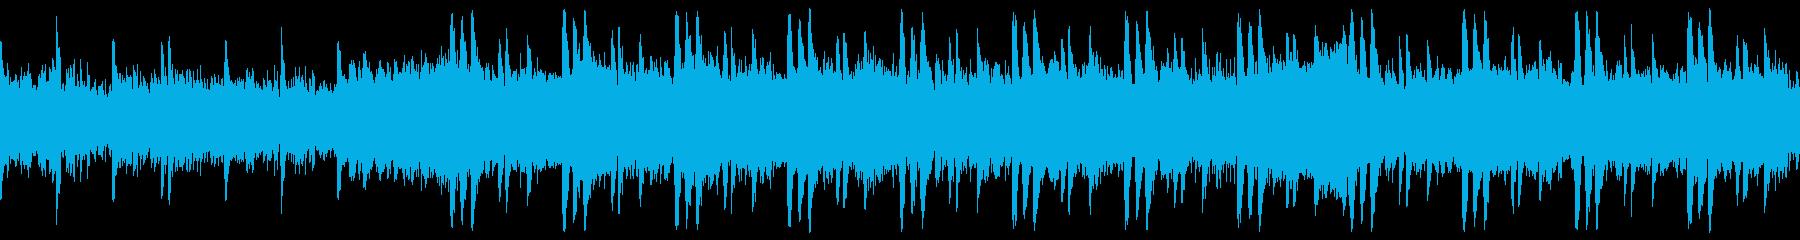 爽快で浮遊感のあるリズムのBGMの再生済みの波形